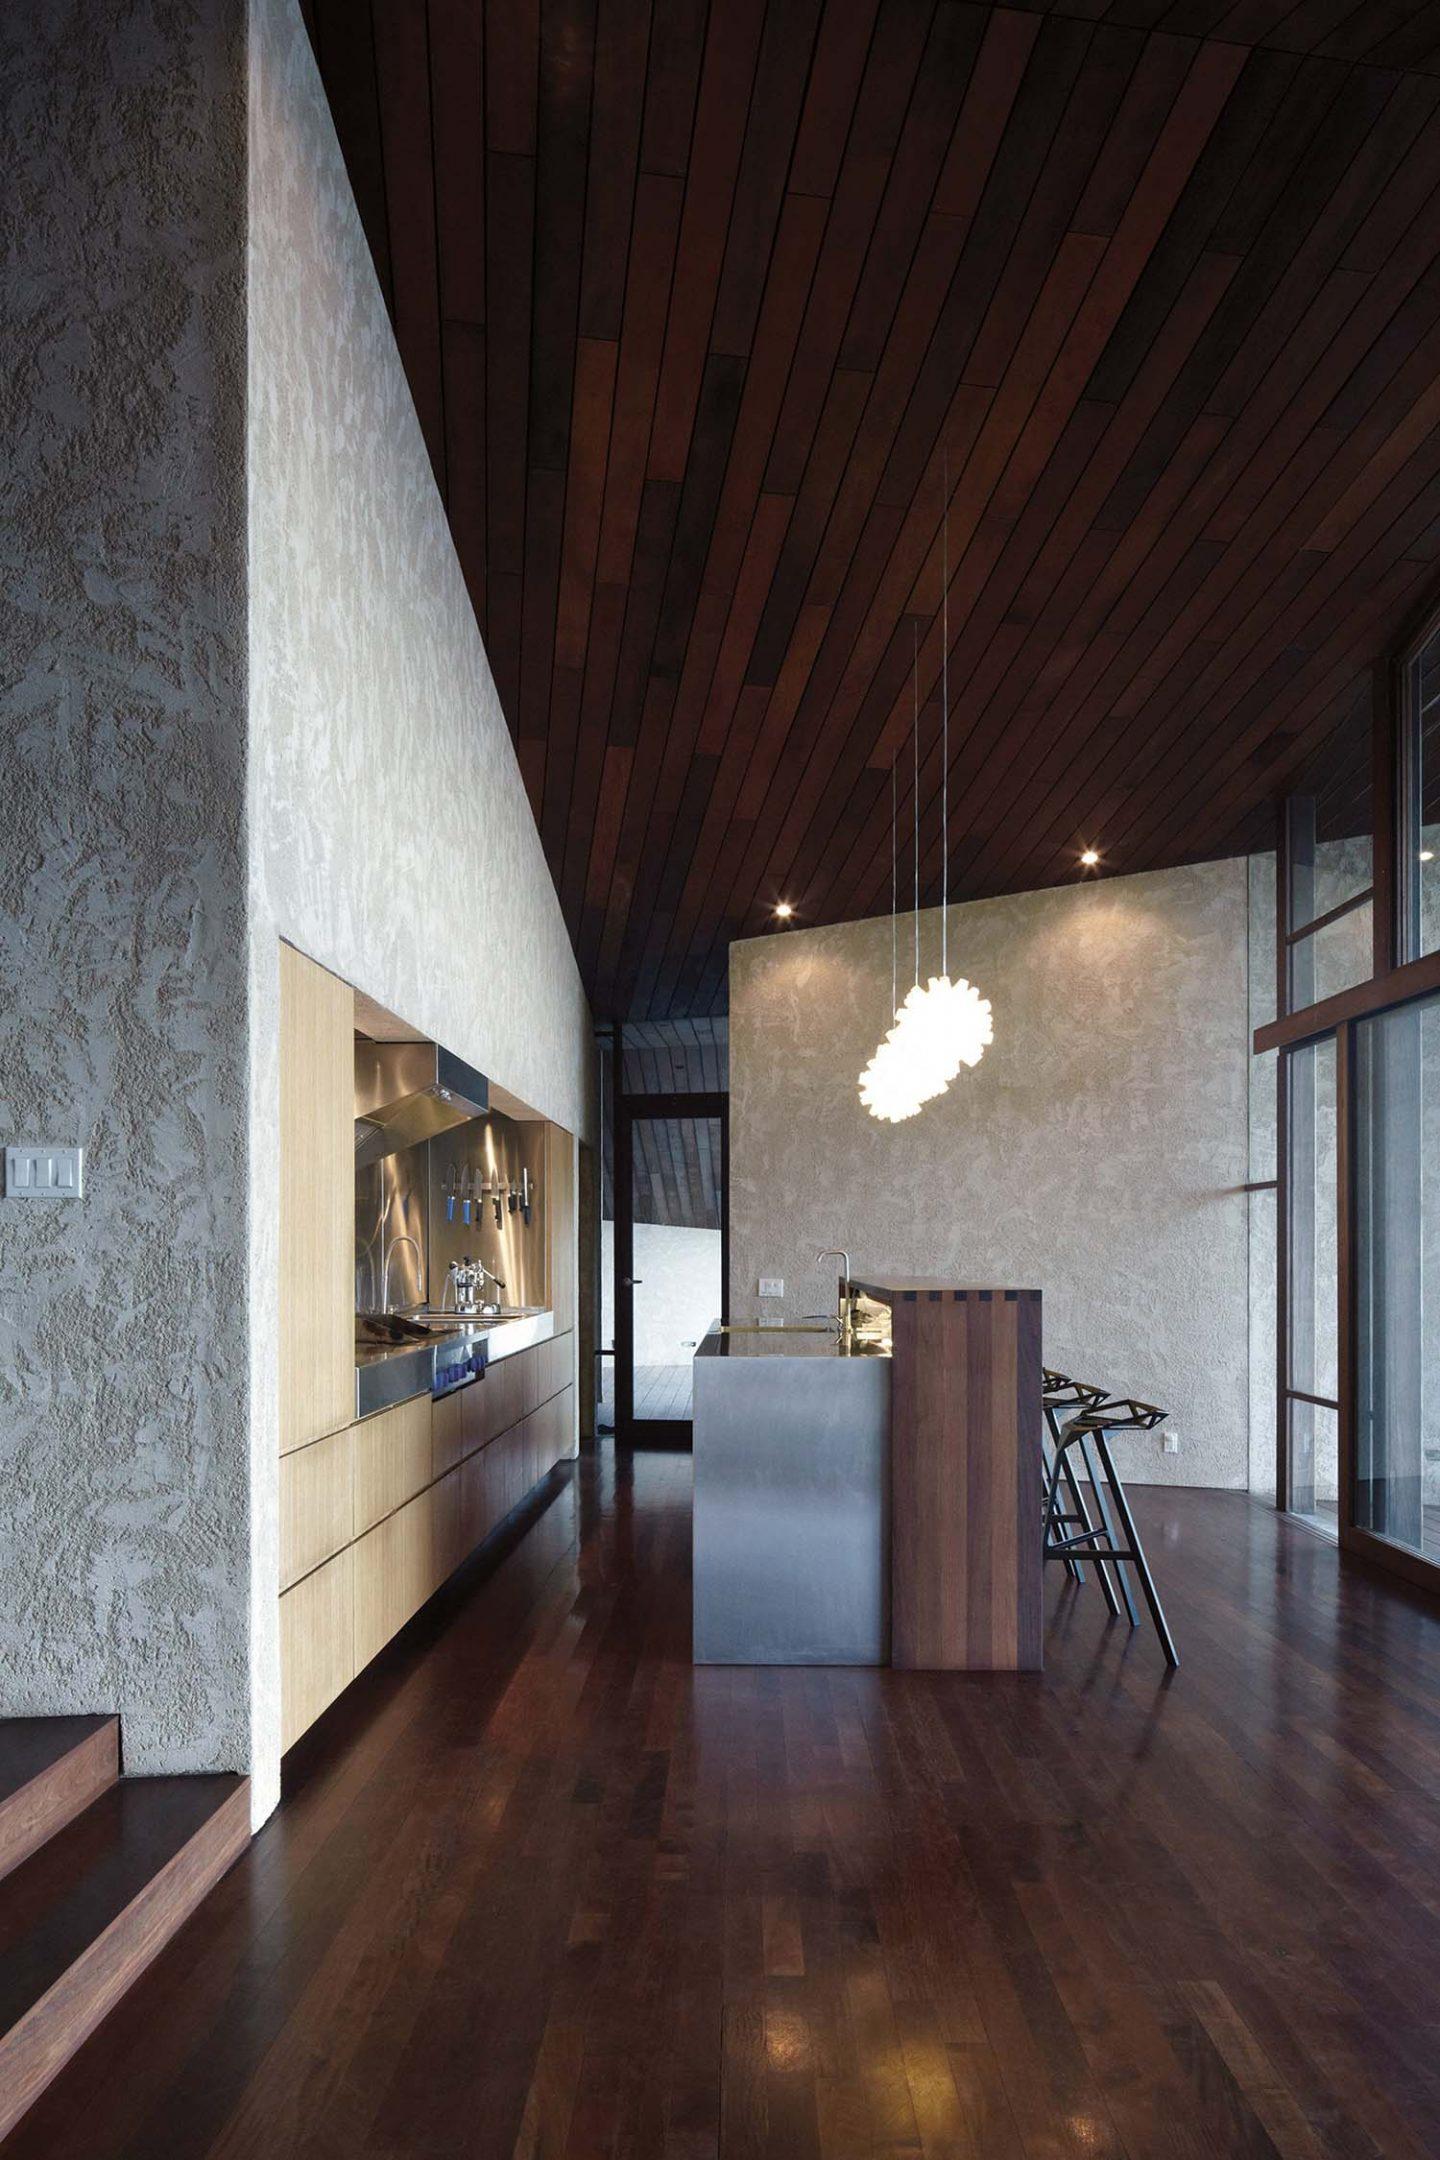 Architecture_ClifftopHouse_DeklevaGregoričArhitekti_05